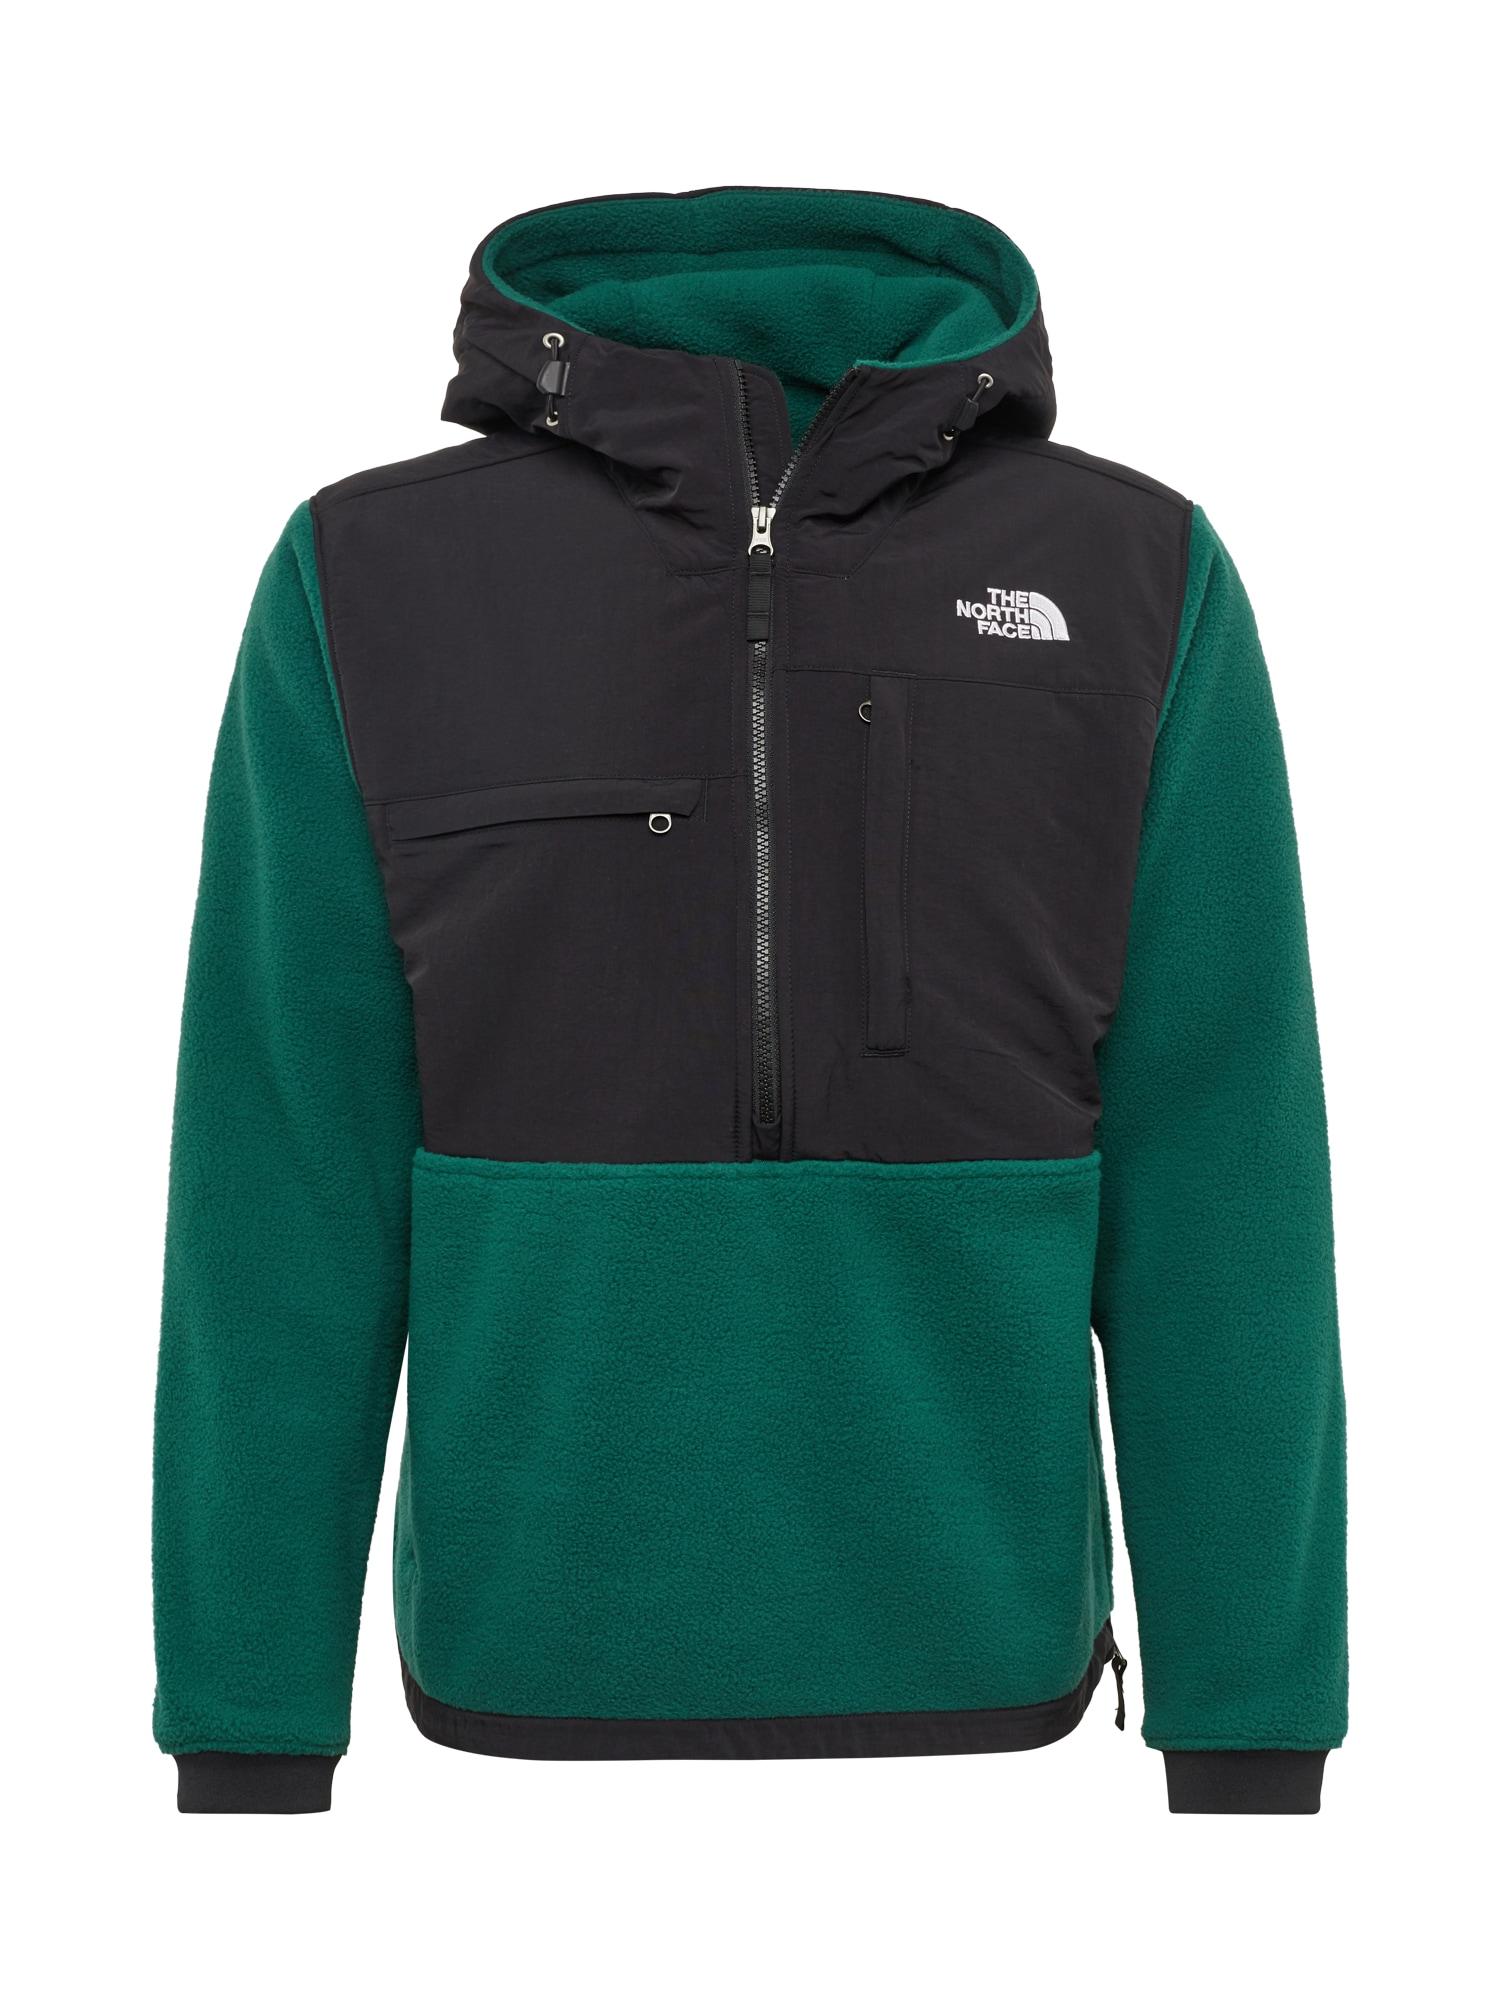 Přechodná bunda Denali tmavě zelená černá bílá THE NORTH FACE